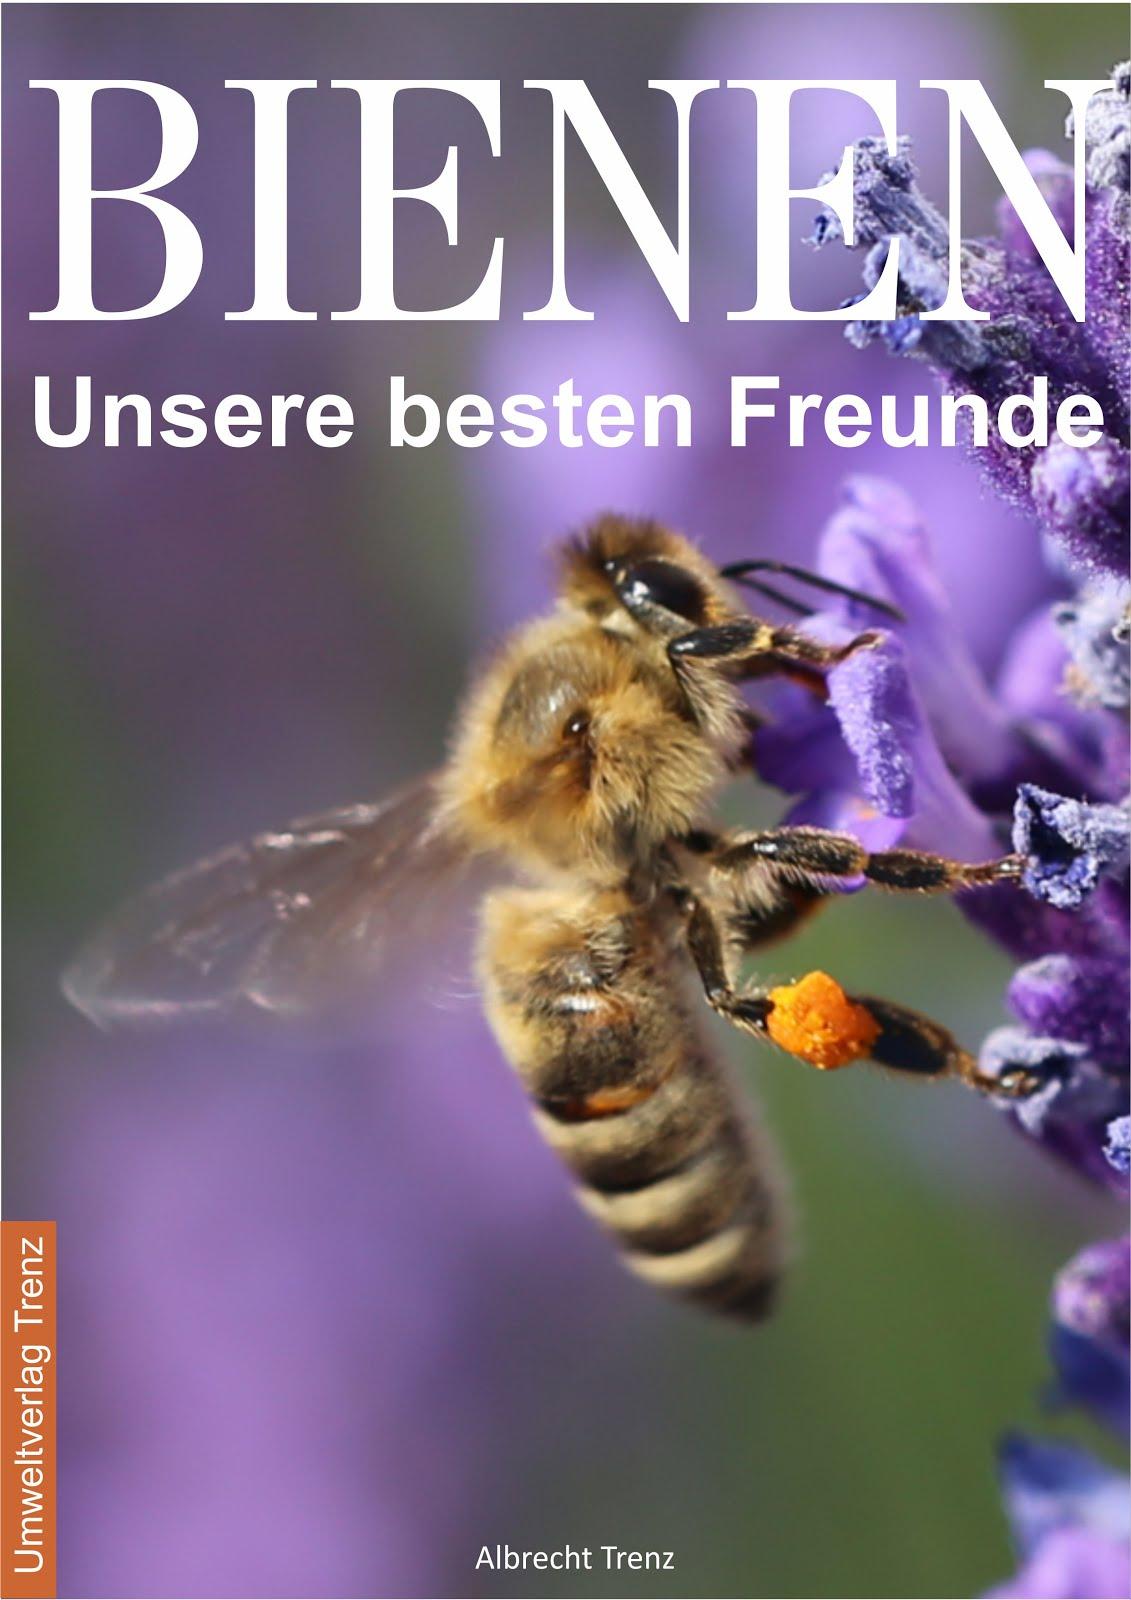 Entdecken Sie die faszinierende Welt der Bienen